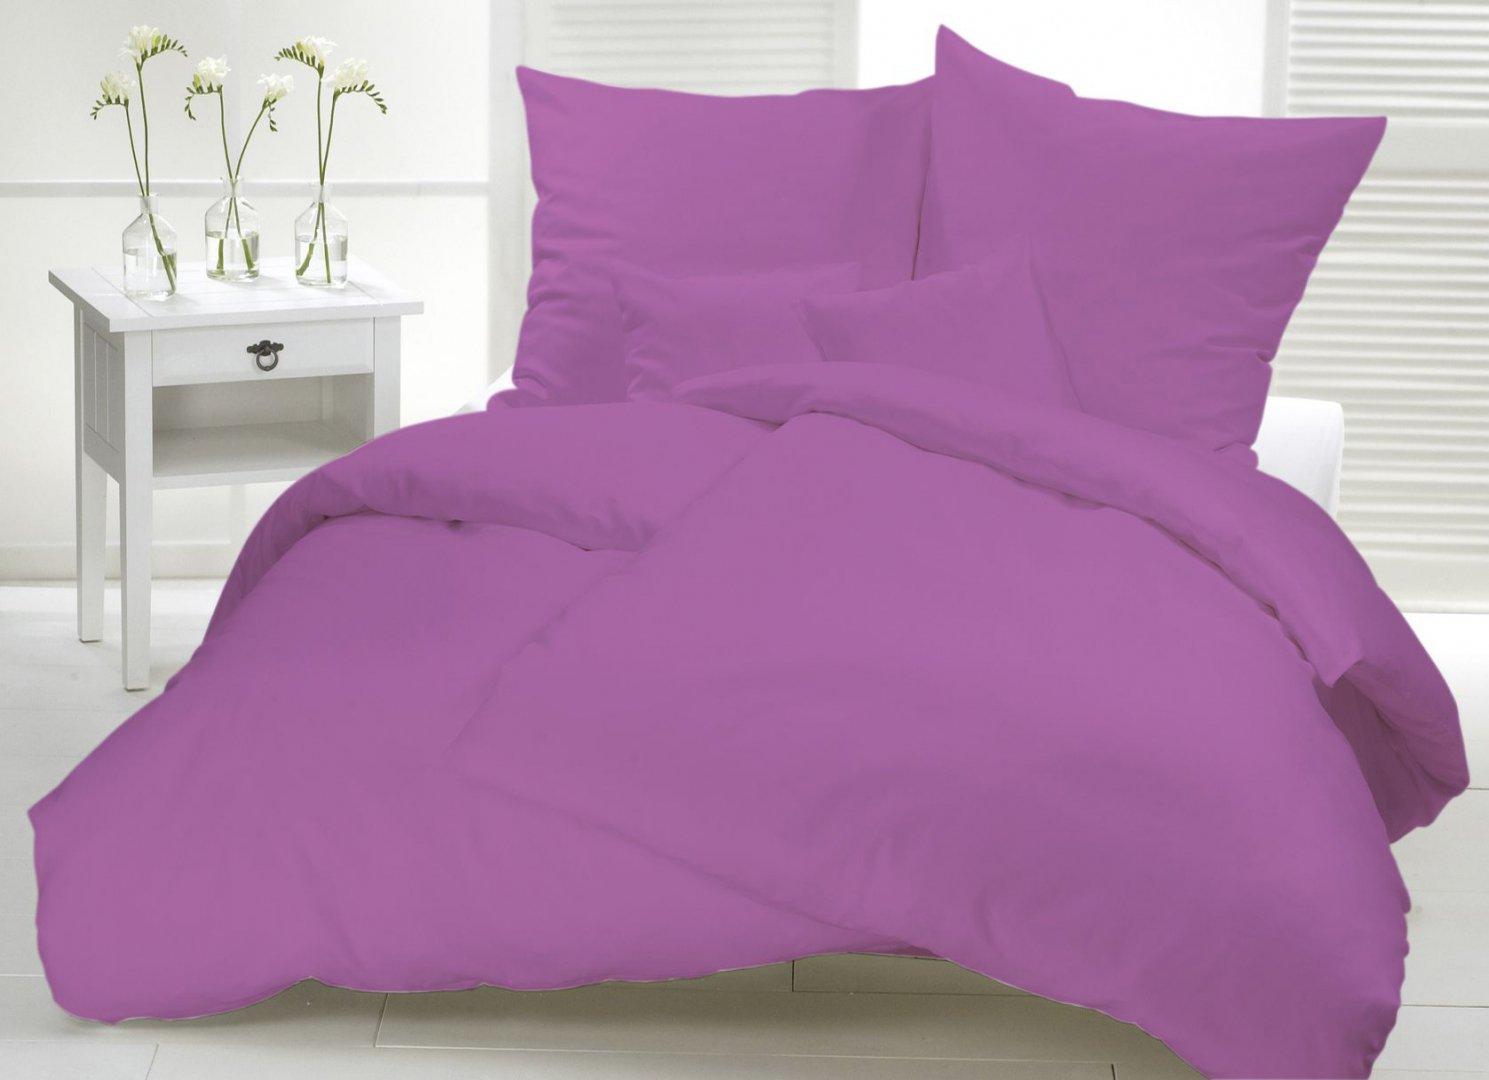 Parure unie prune - Parure de lit destockage ...